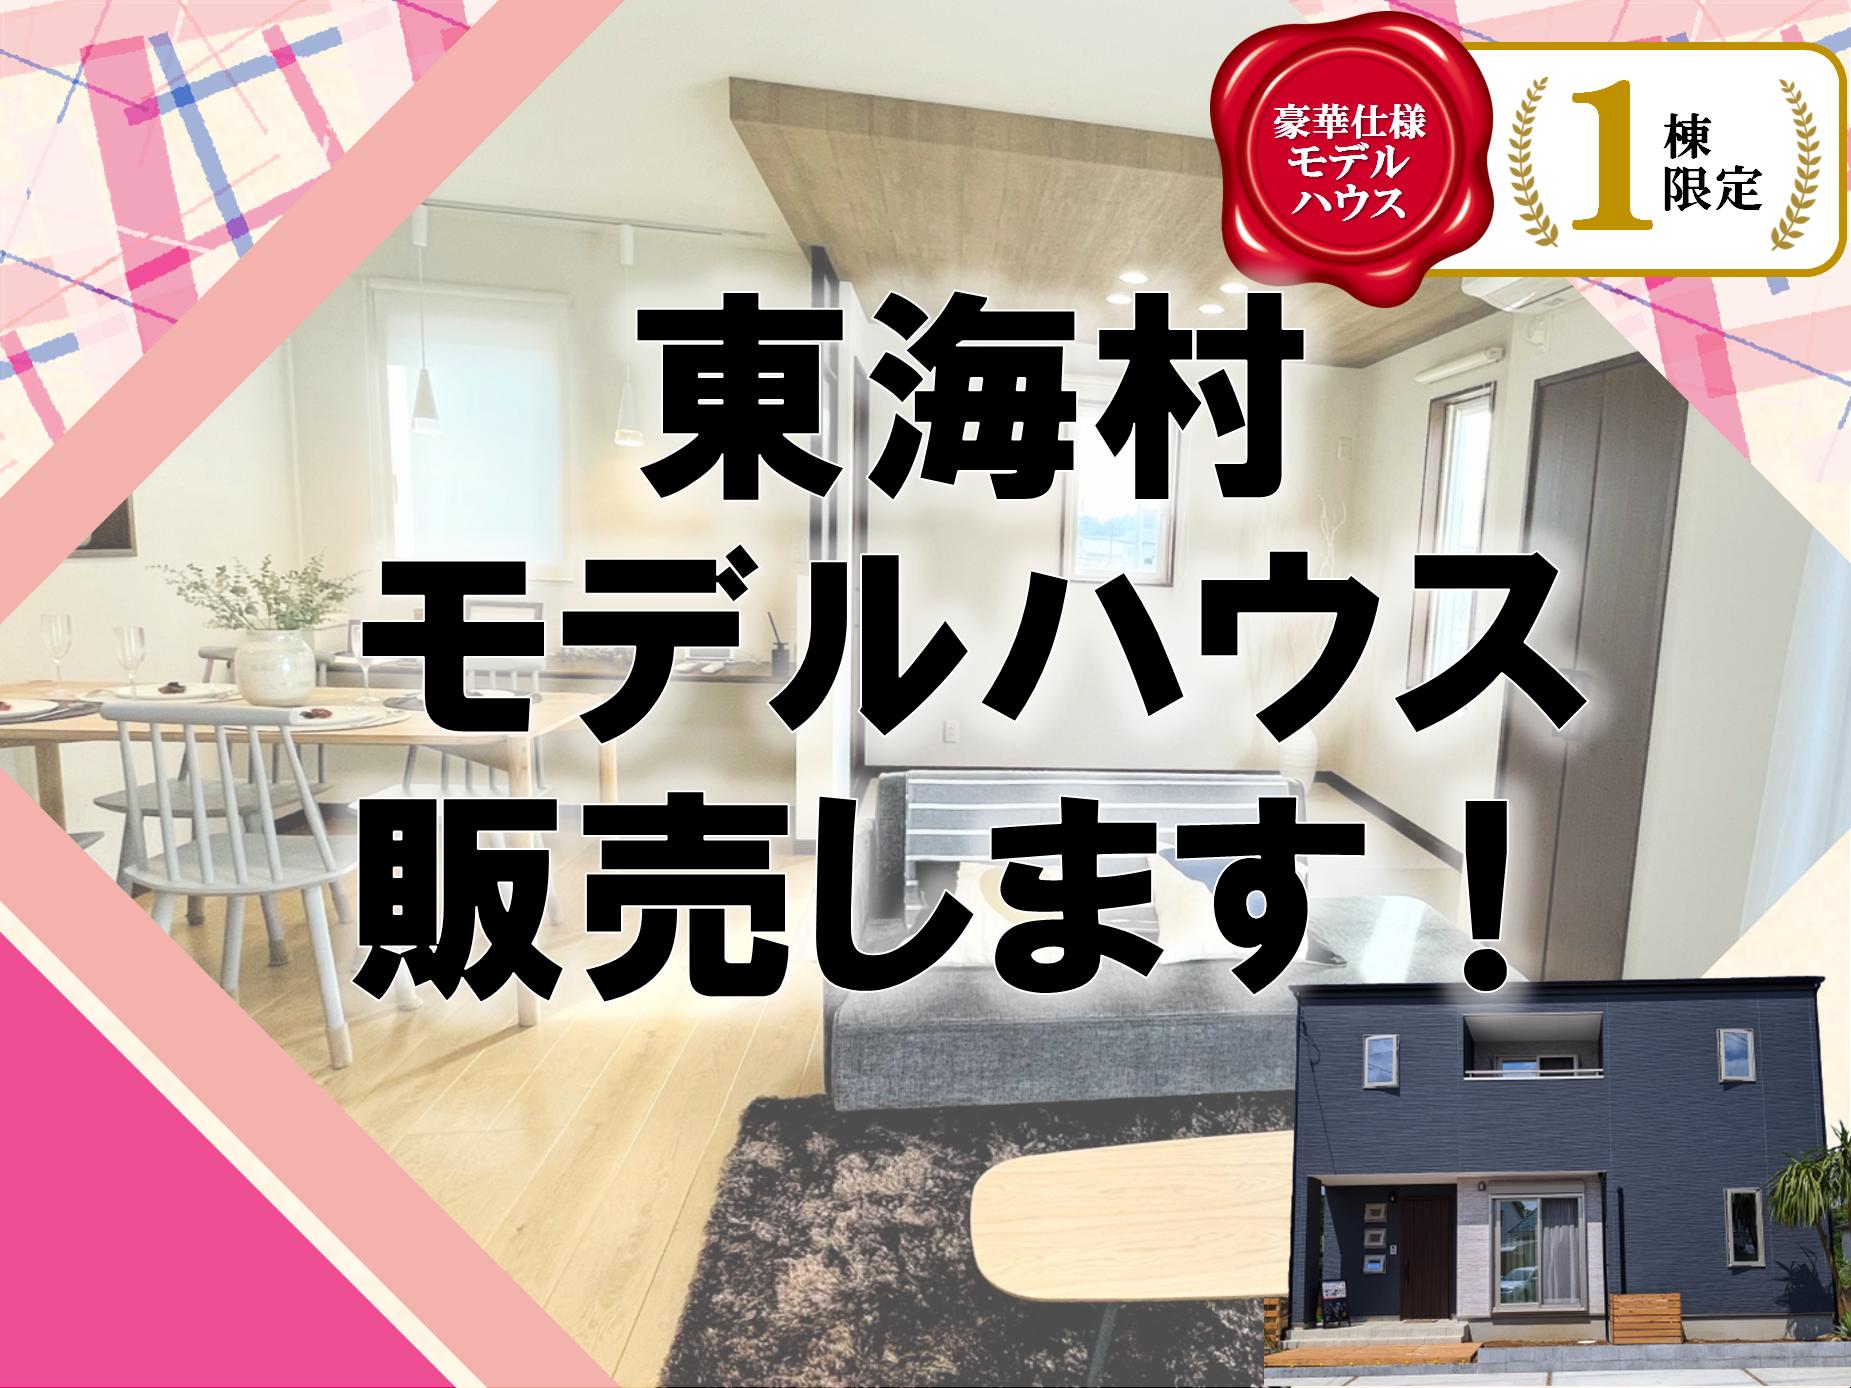 1棟限定!ママラクハウス 東海村モデルハウス販売開始!!